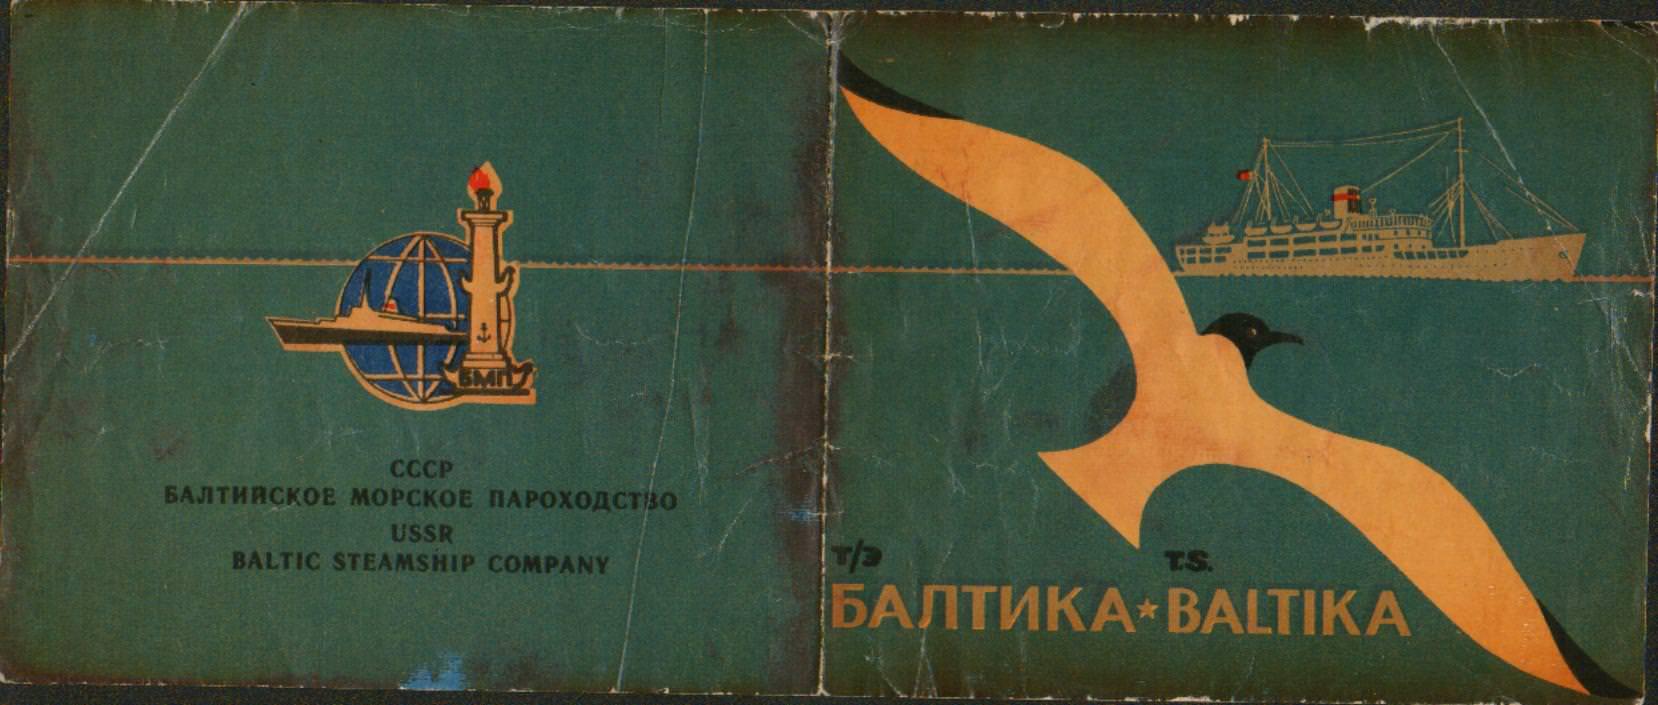 1975. «Балтика». Титул.